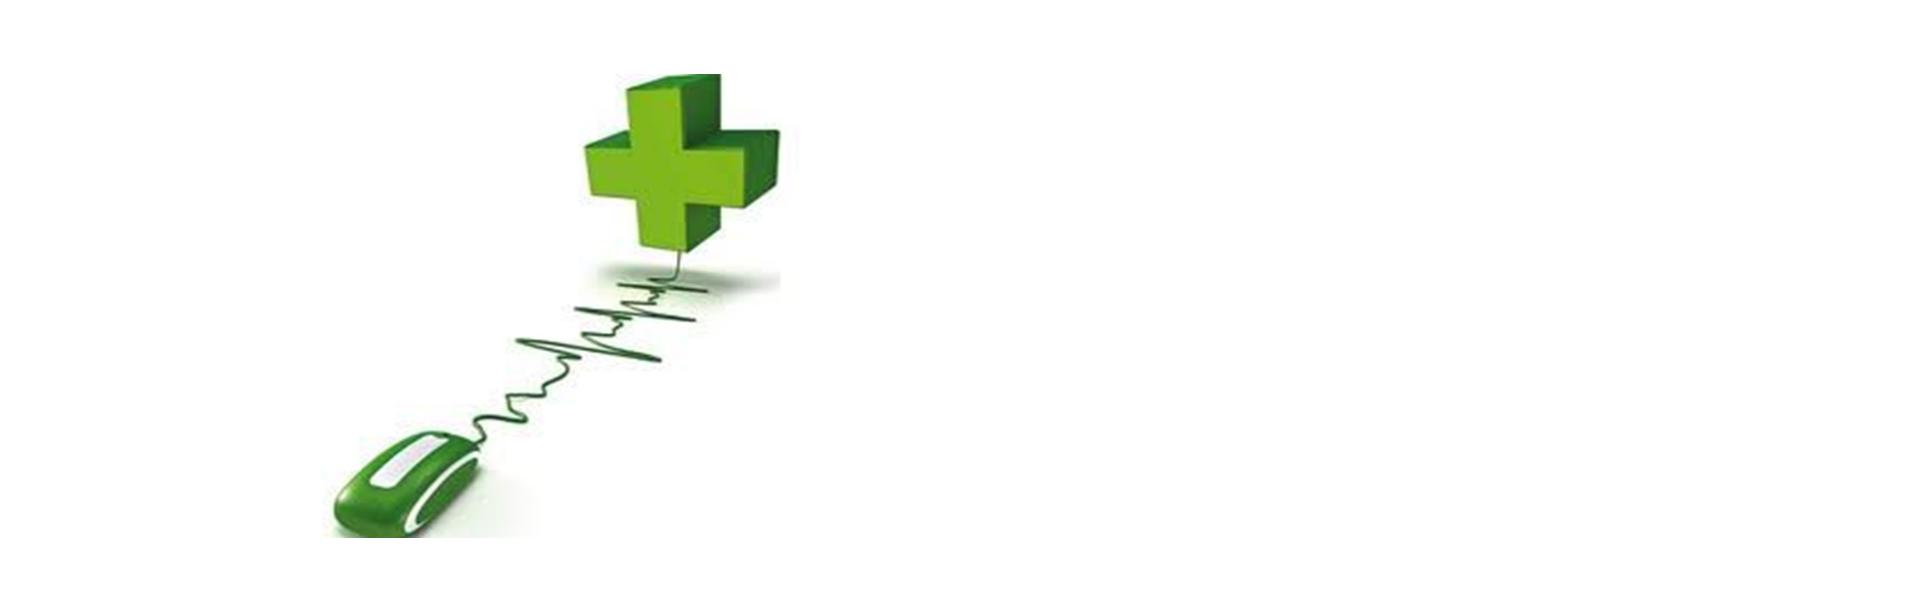 image-pharma